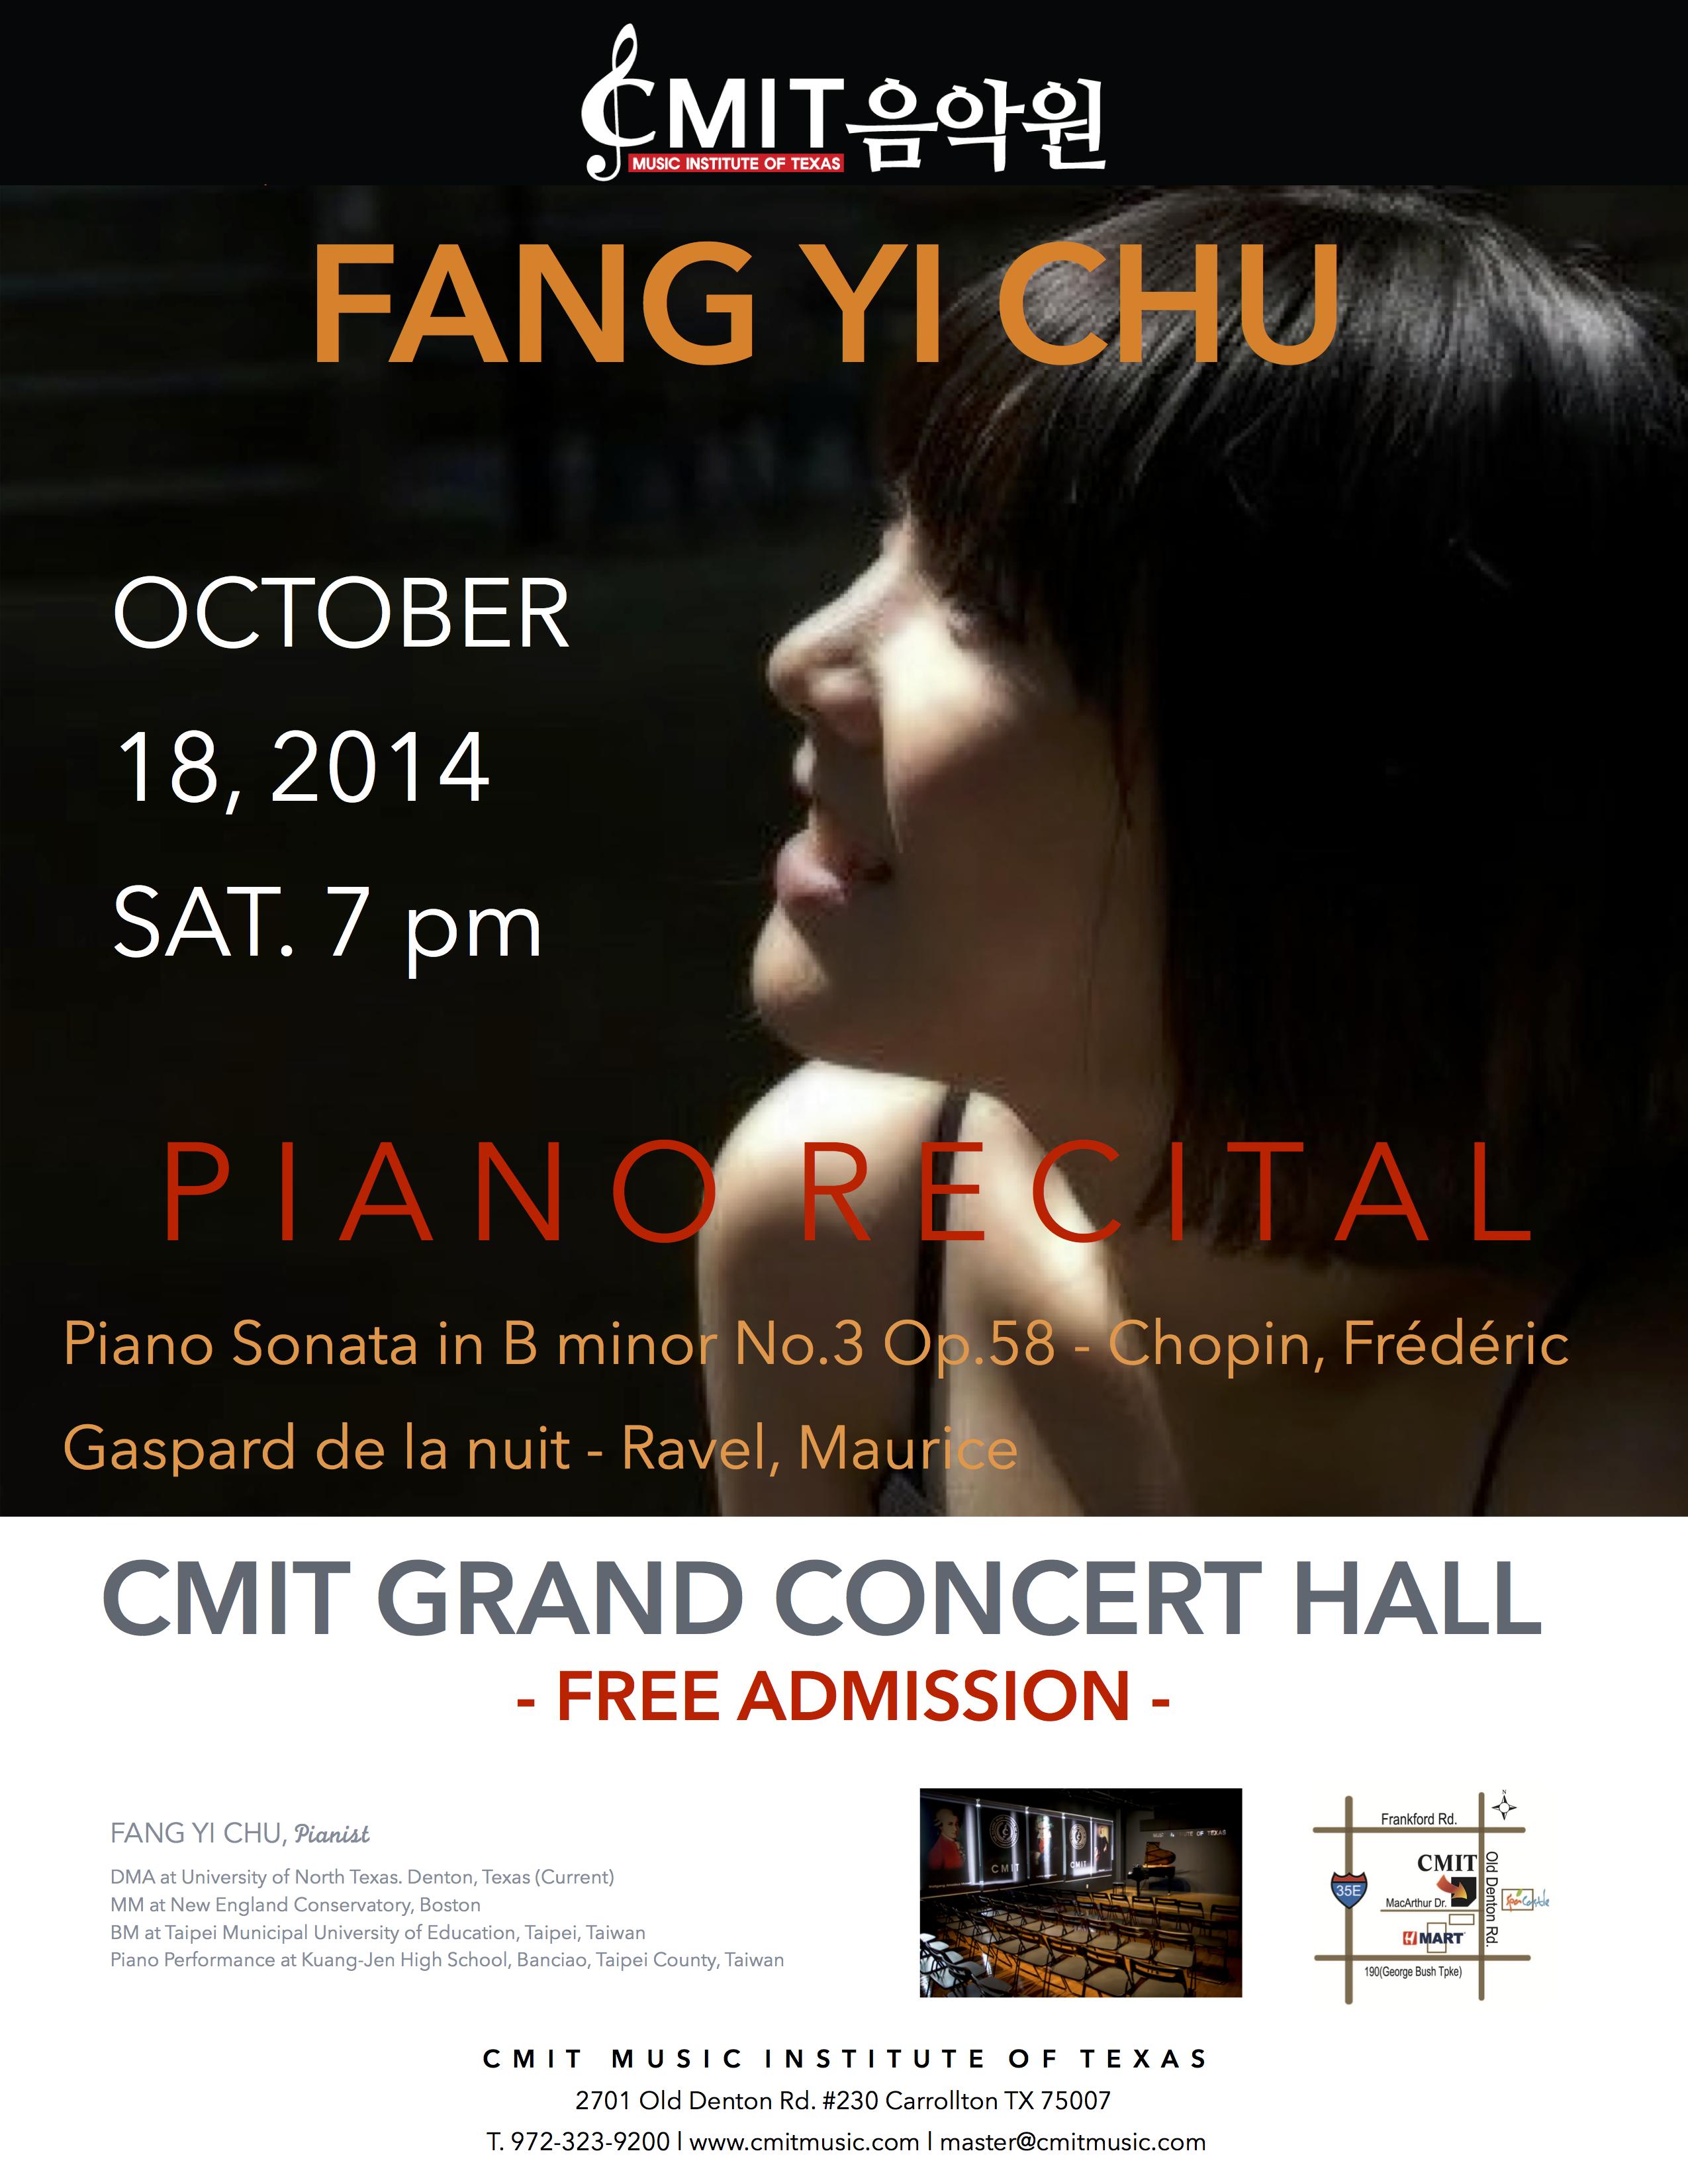 FANG YI CHU PIANO RECITAL 101814.png